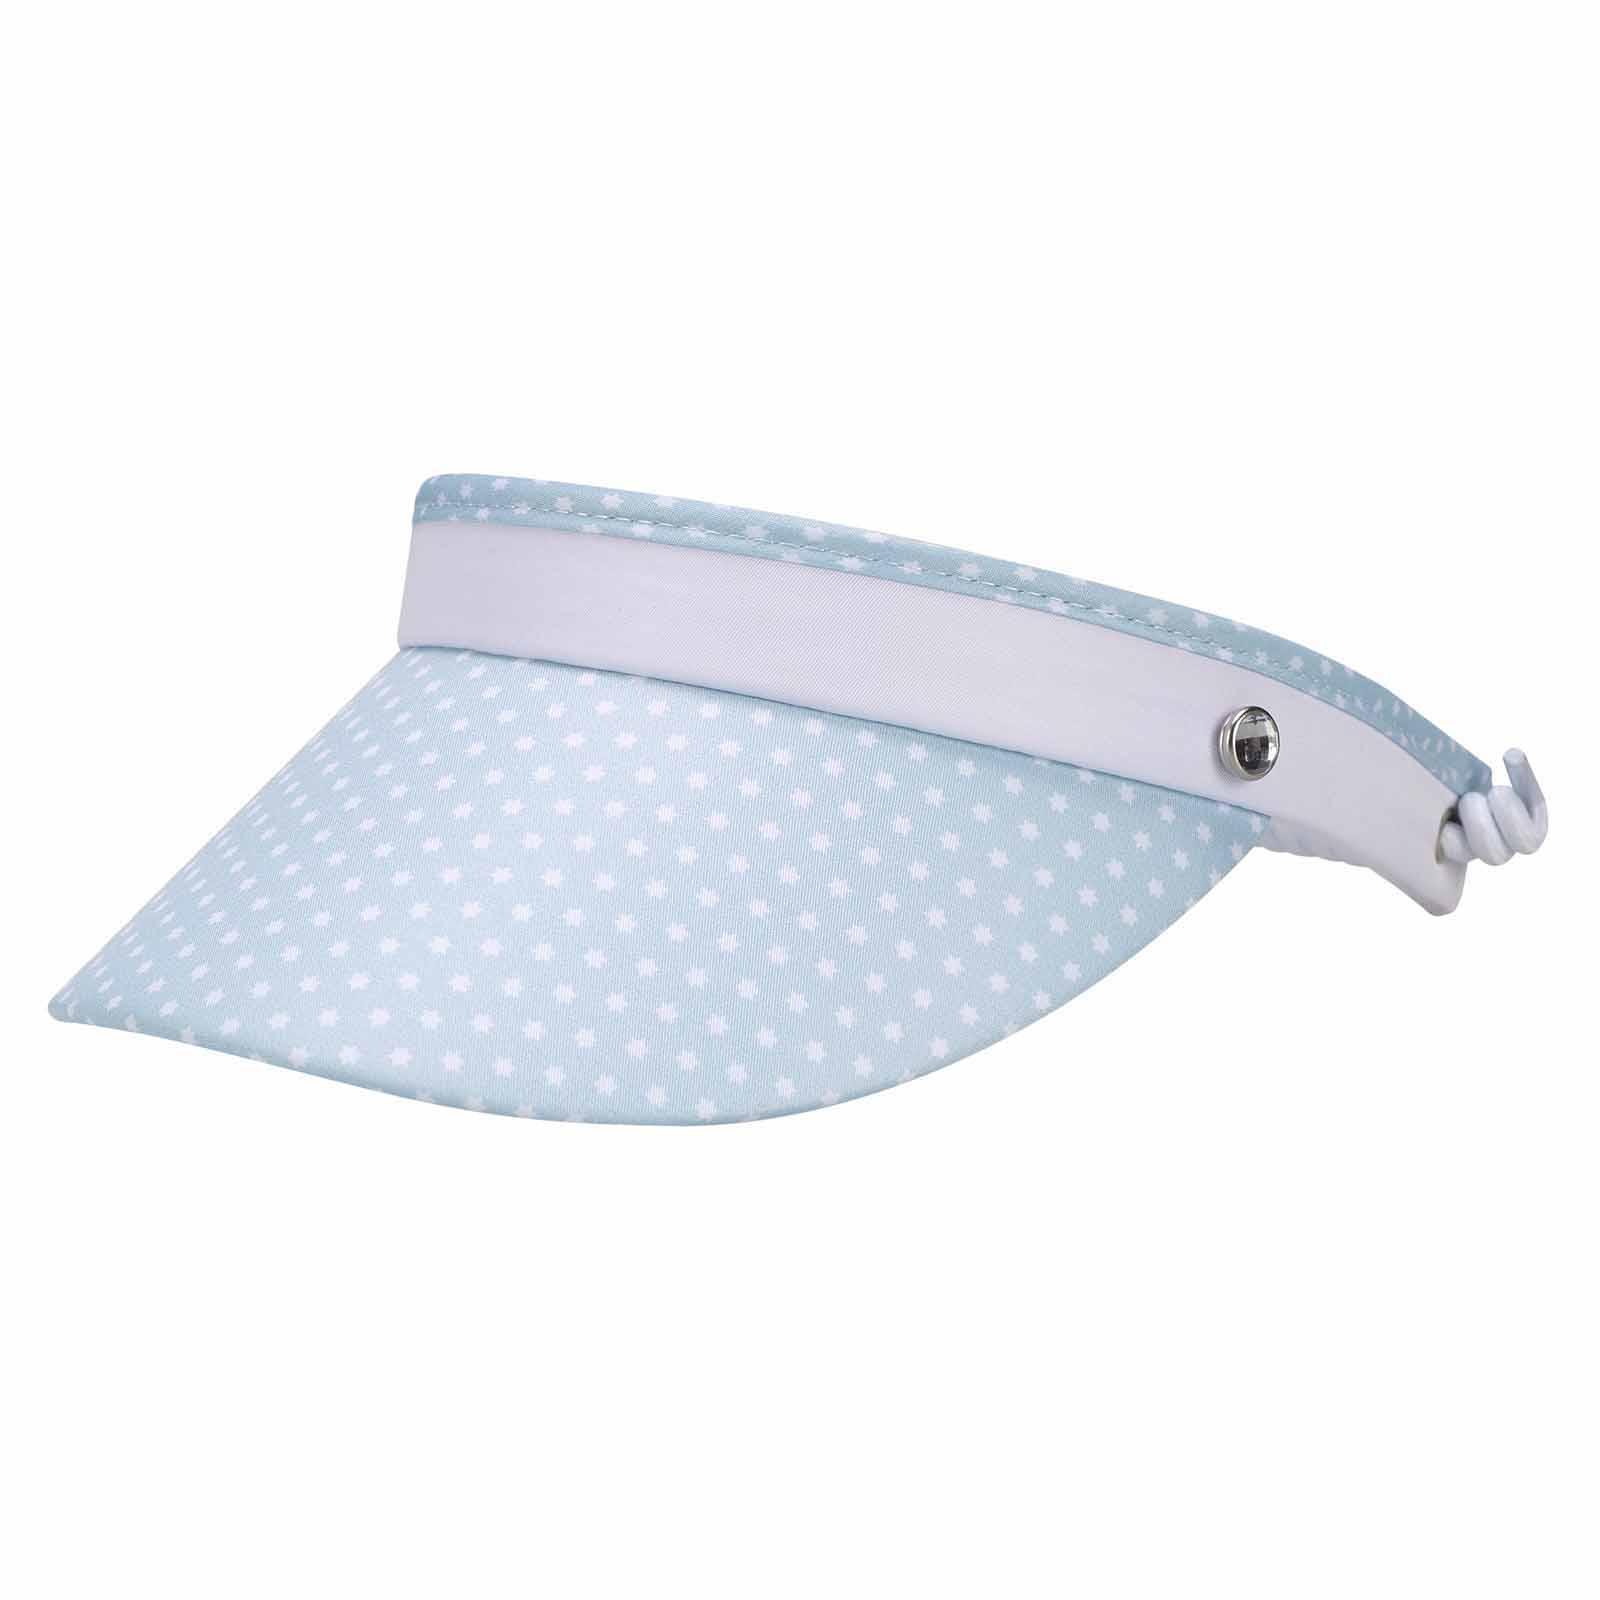 Damen Golf Cable Visor mit weißen Sternen für einen perfekten Golf-Look